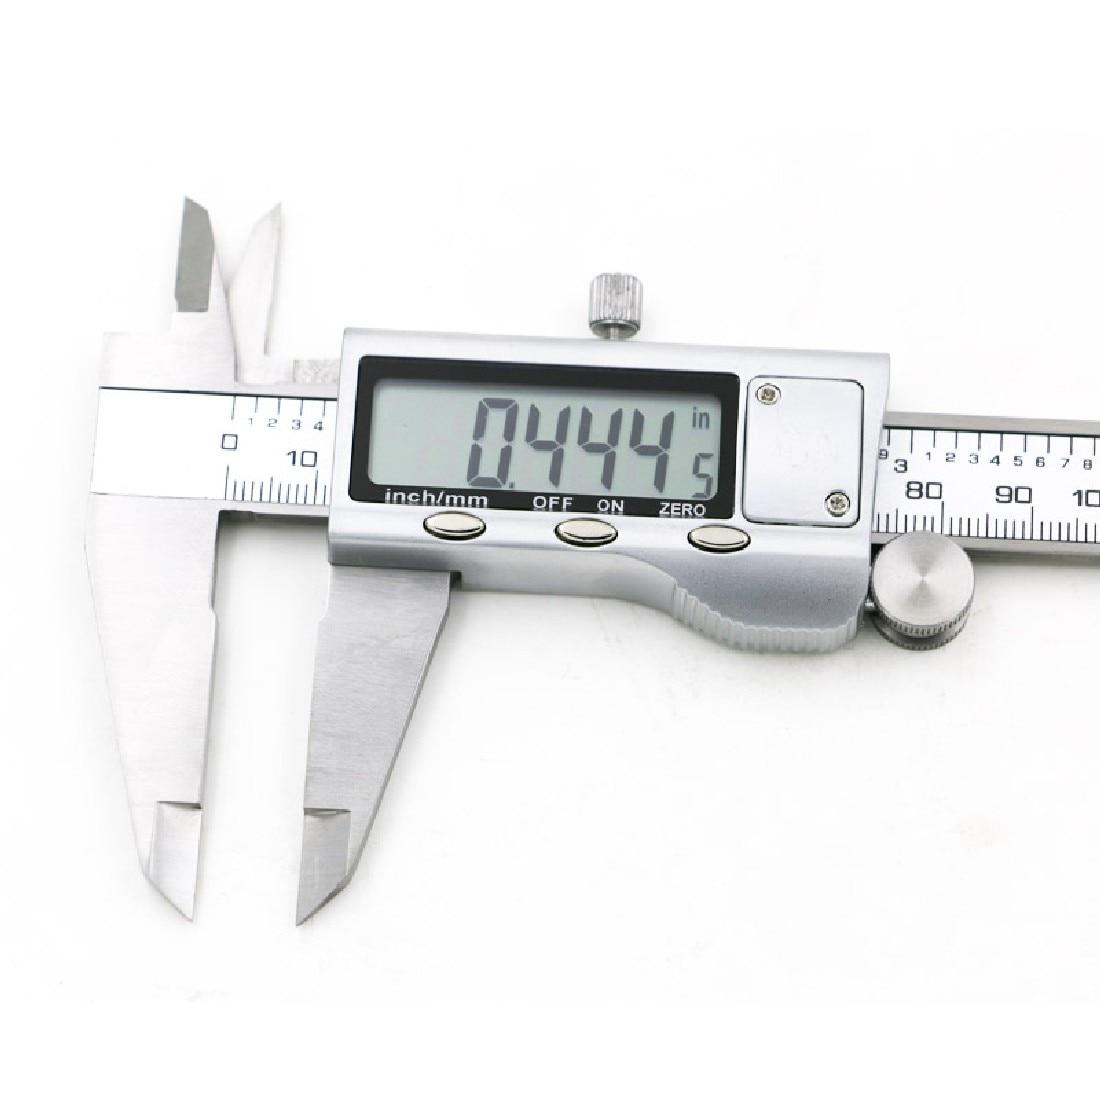 Wysokiej jakości 1szt metalowy 6-calowy 150 mm elektroniczny - Przyrządy pomiarowe - Zdjęcie 5